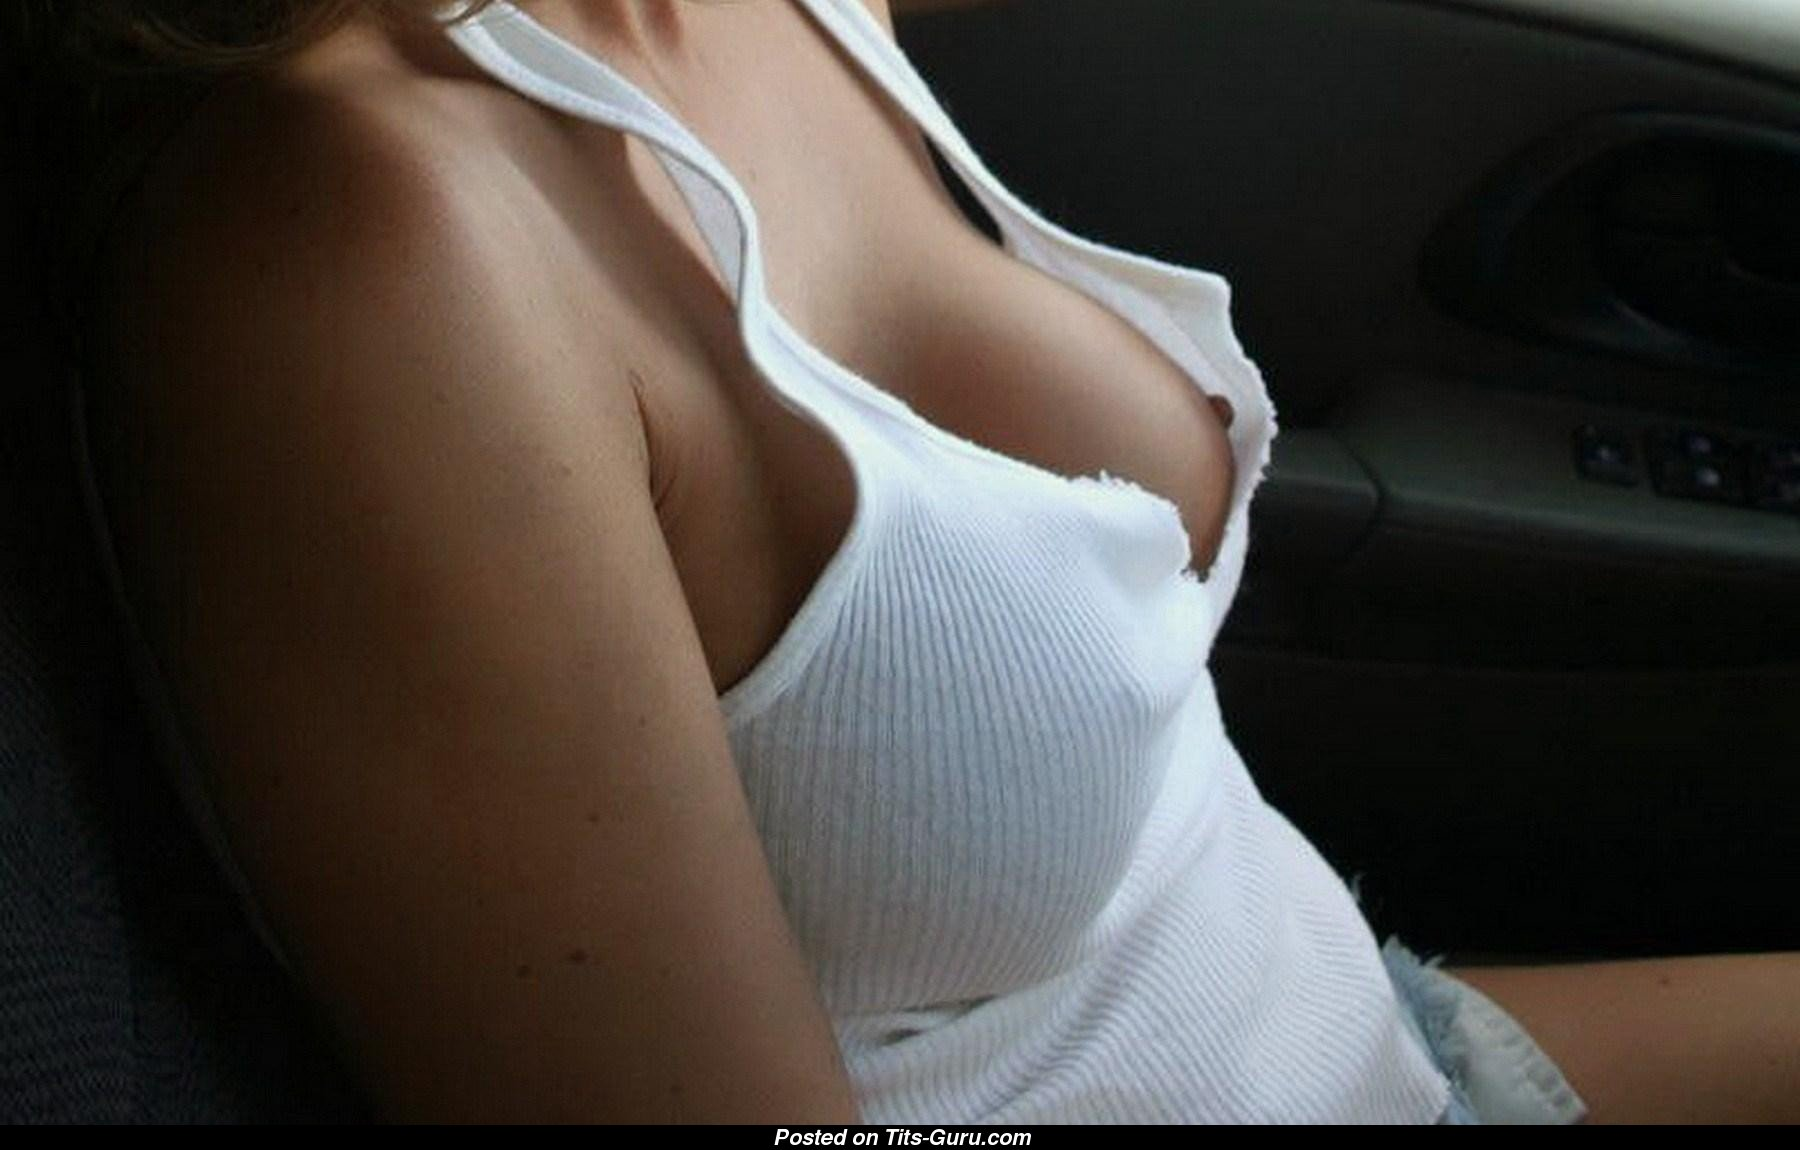 Фото женской груди из под майки, Фото сосков девушки в мокрой майке - Частное порно фото 26 фотография